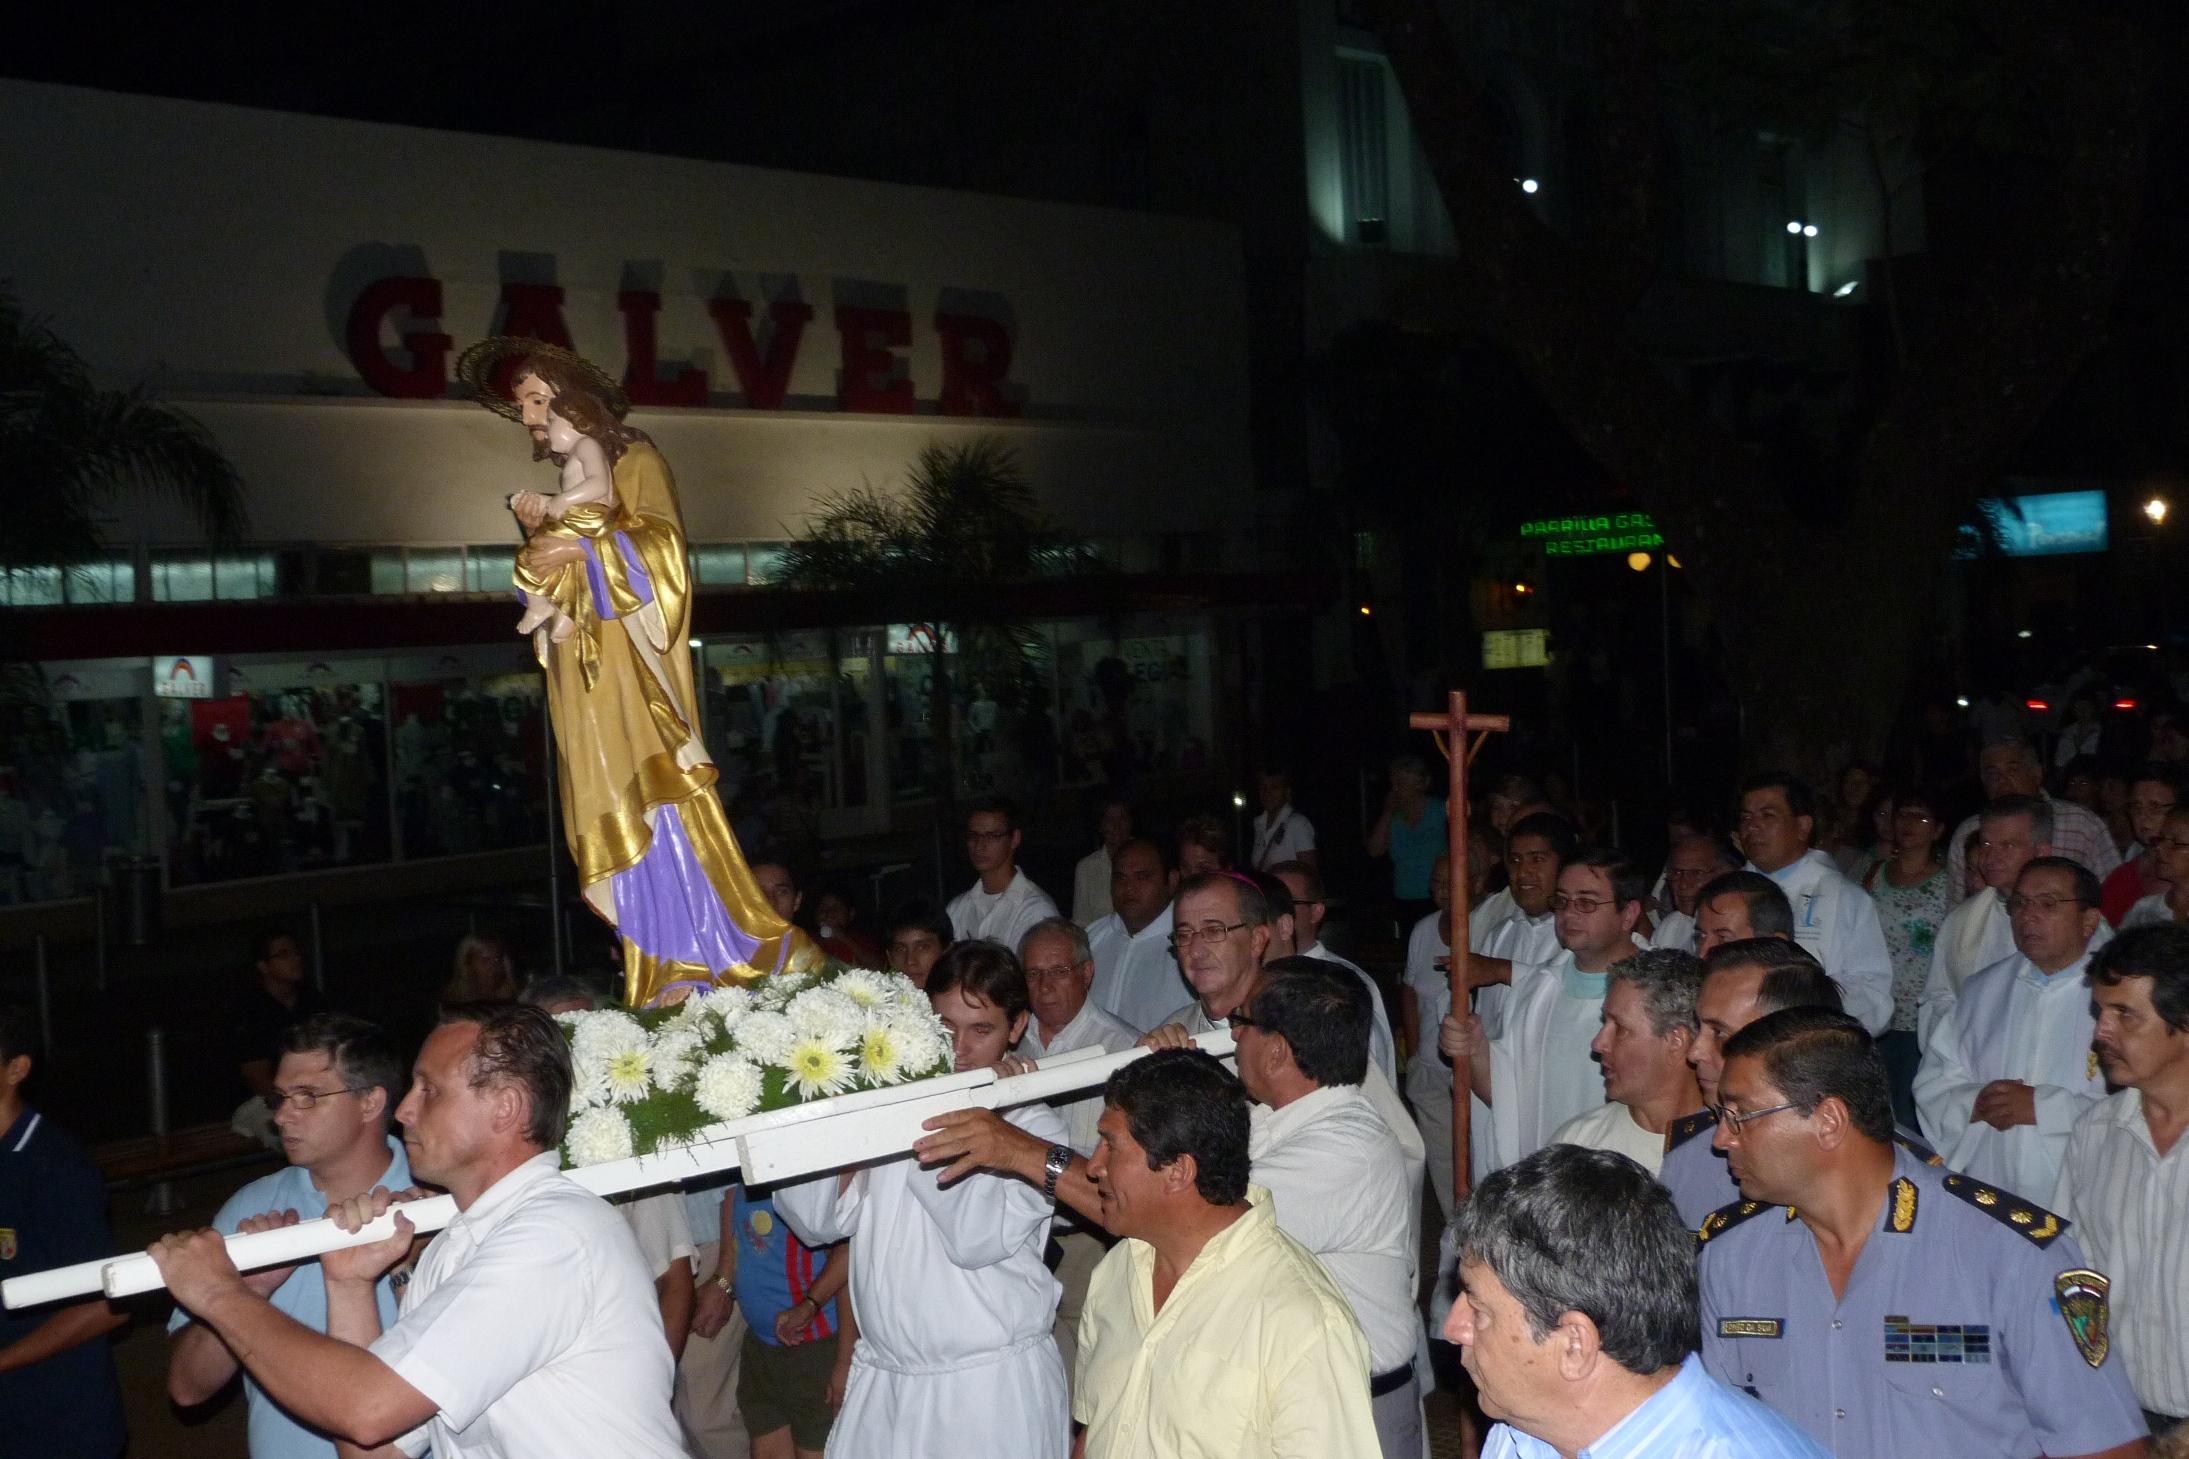 La procesión con la imagen de San José fue alrededor de la plaza 9 de Julio.